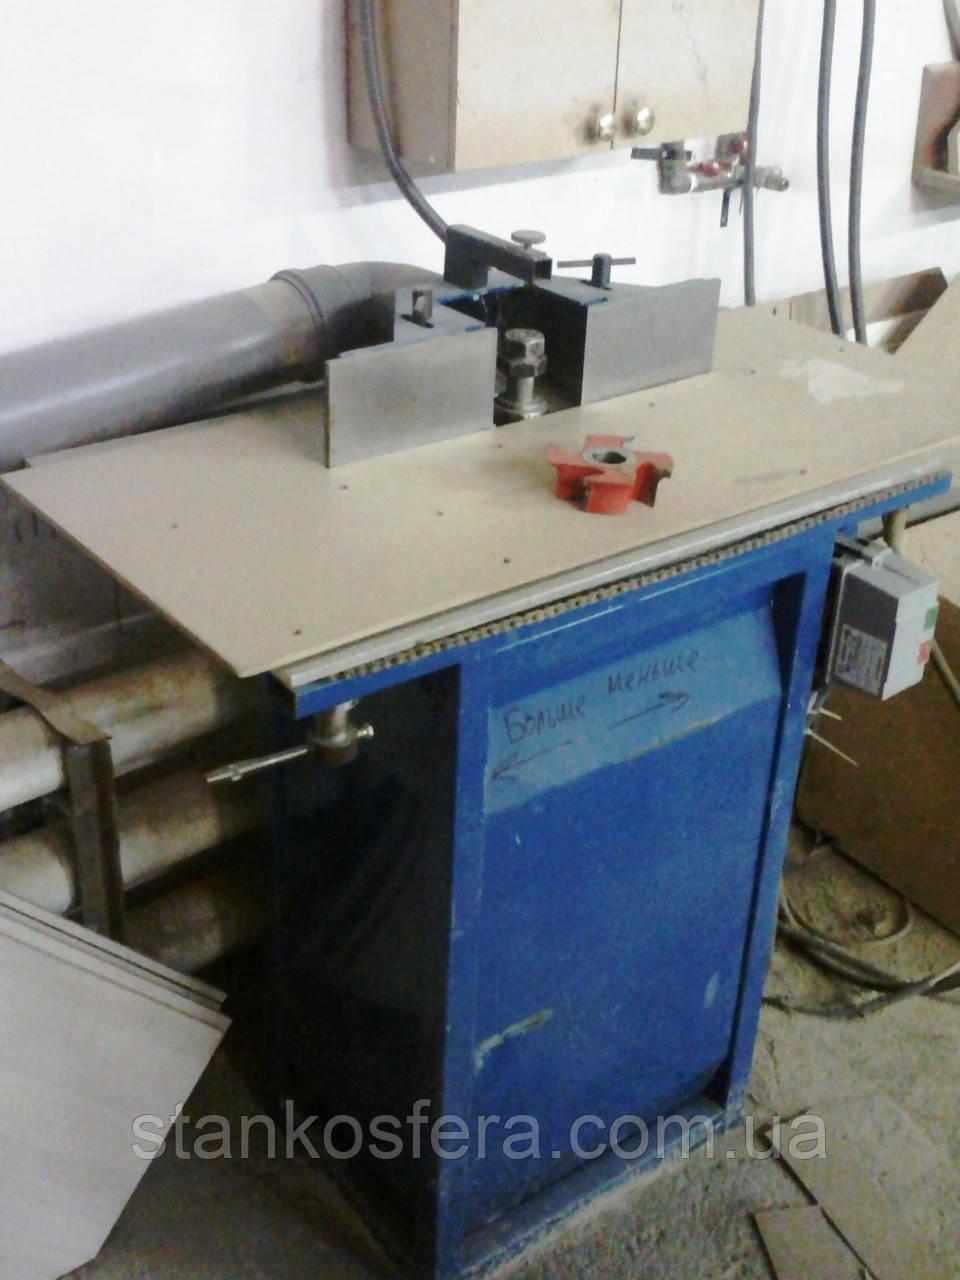 Фрезерный станок по дереву бу ФВН, мотор 3 кВт, регулировка стола